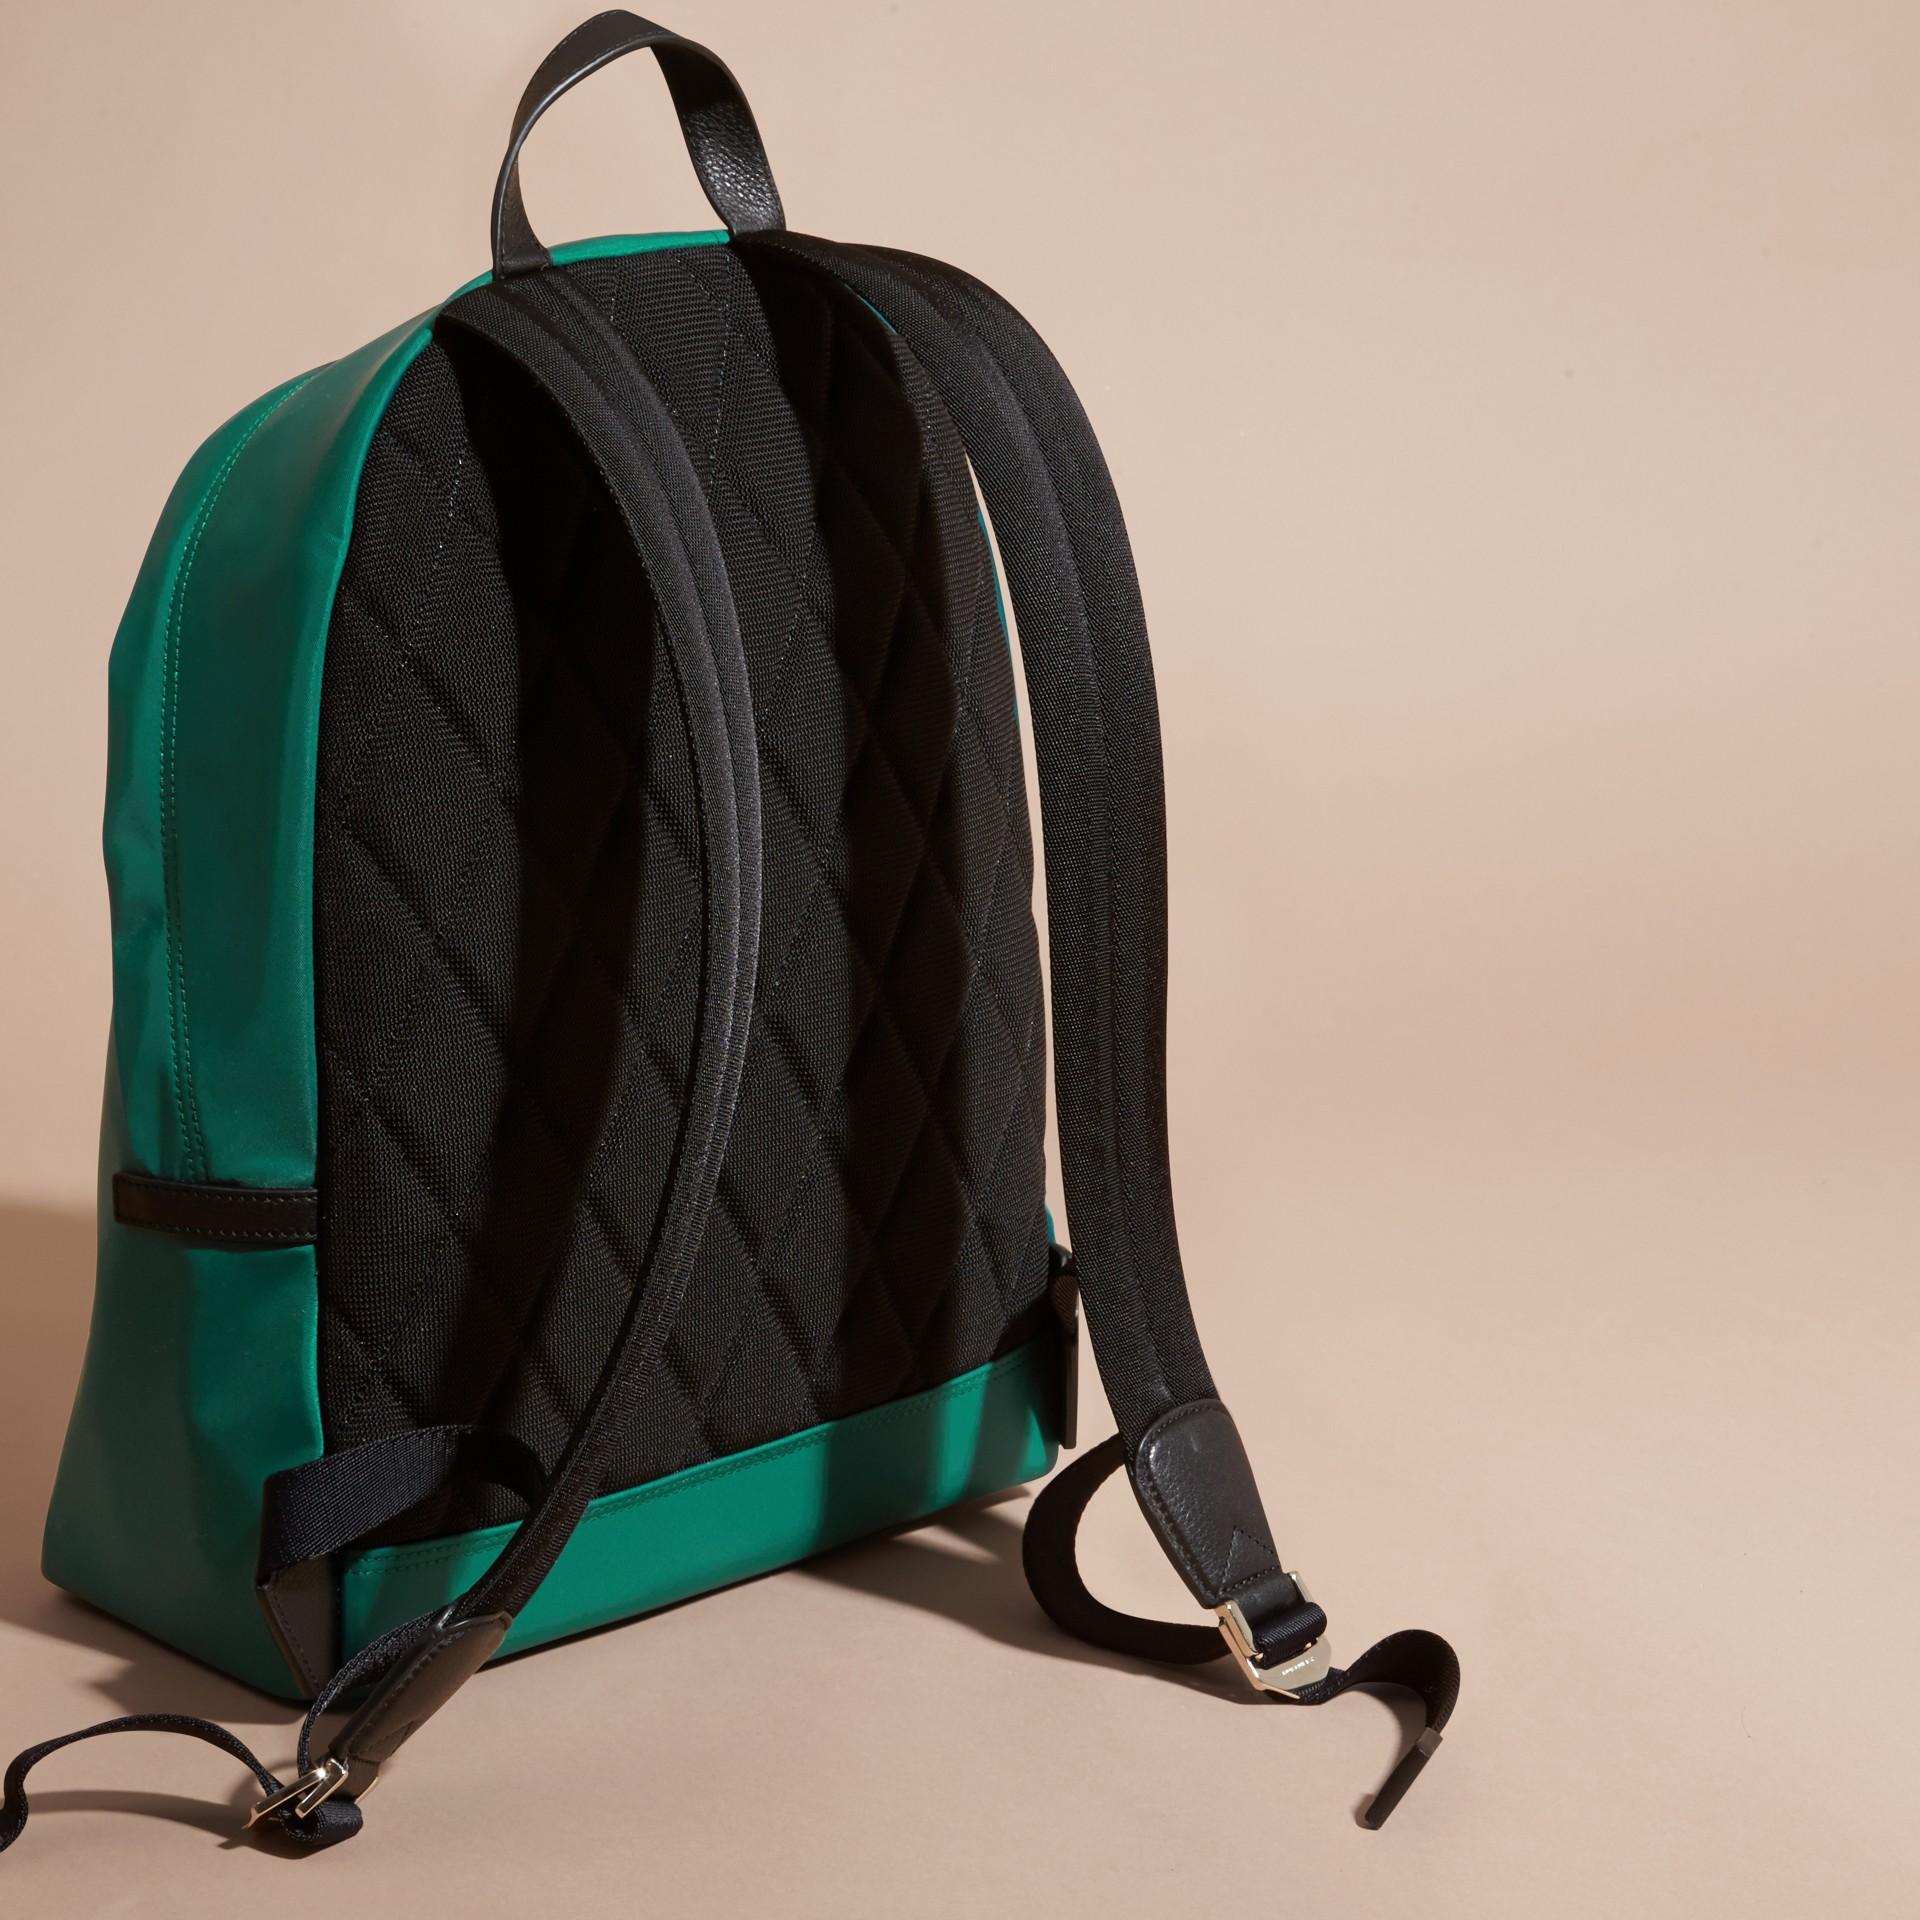 Vert pin Sac à dos en nylon avec éléments en cuir Vert Pin - photo de la galerie 4